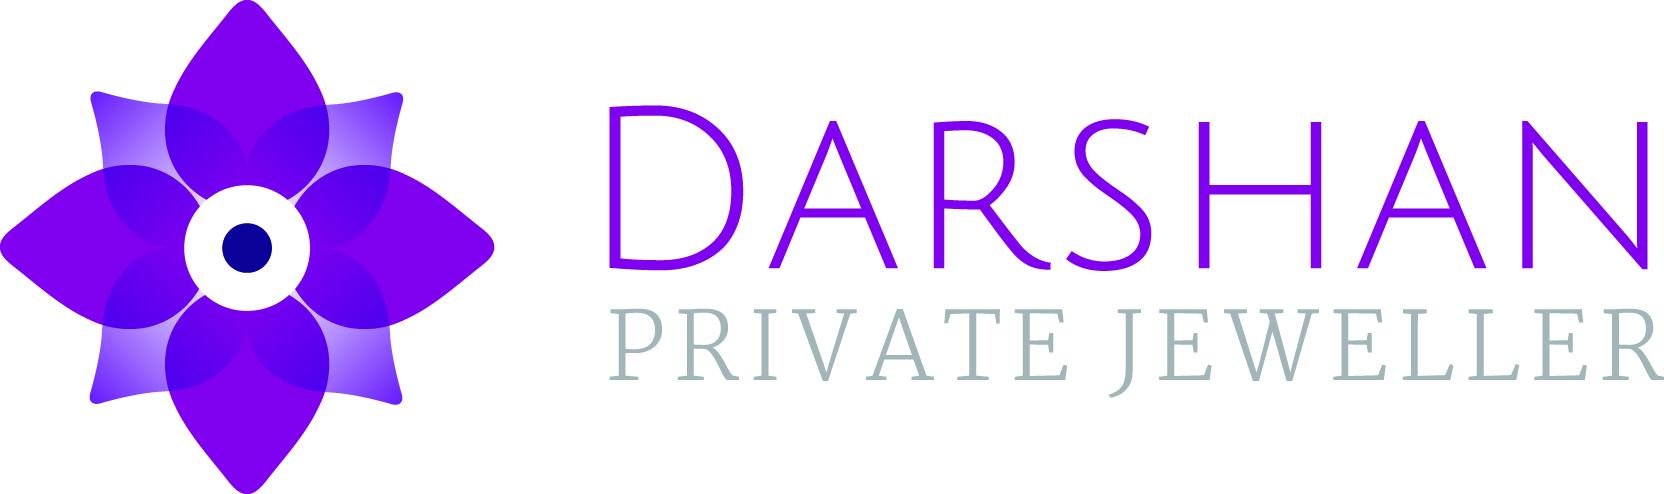 Hoppel Design logo for Darshan